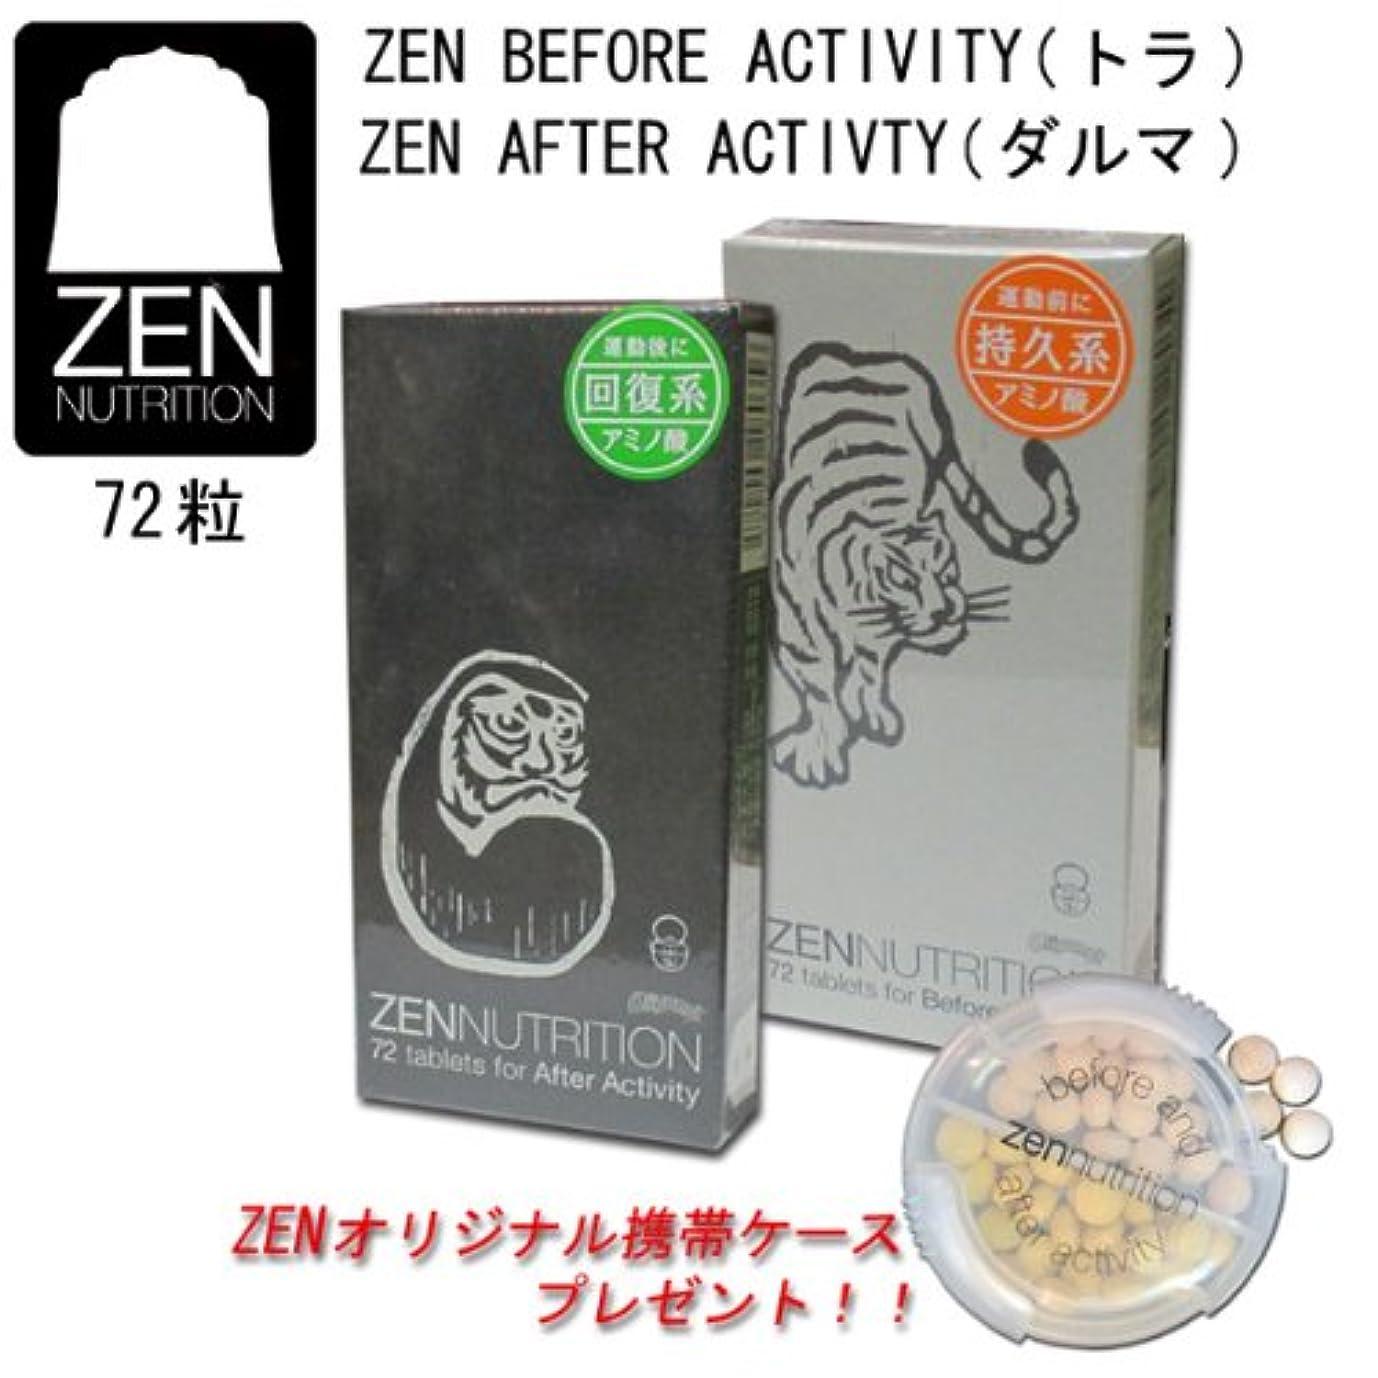 考慮ドキドキ想起ZEN ACTIVITY(トラ&ダルマ) ゼンサプリメントセット(72粒) アミノ酸/セットが 携帯ケースプレゼント!